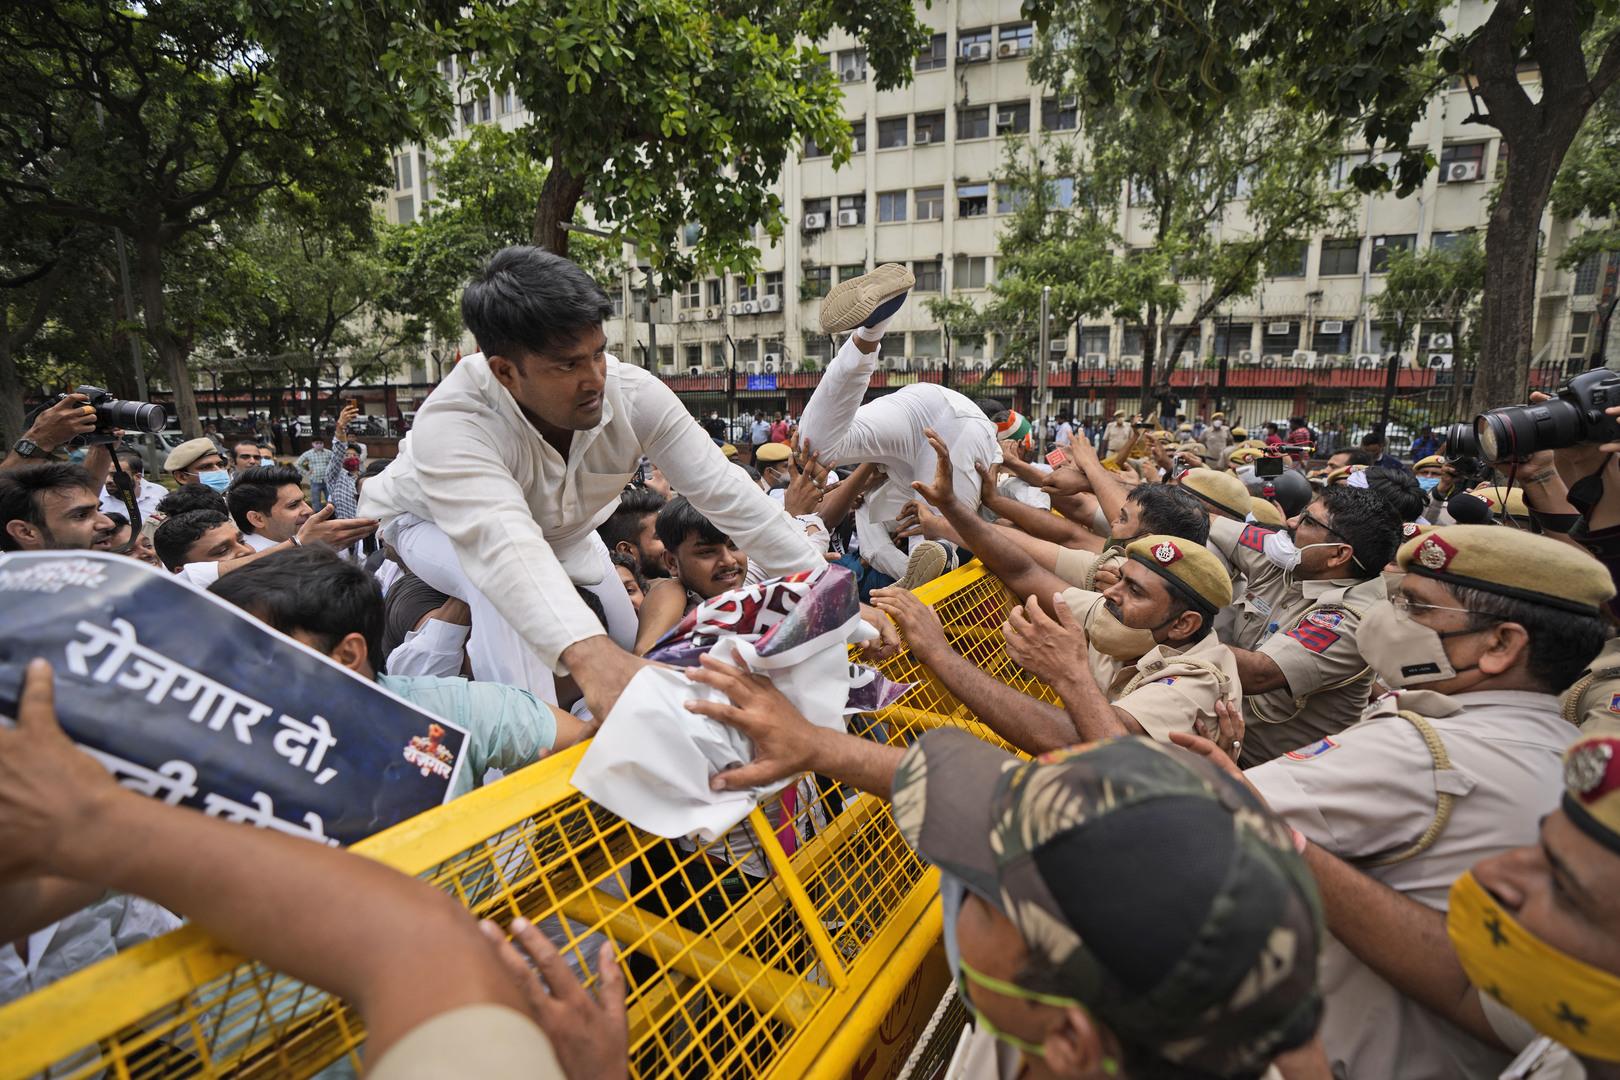 الهند.. حزب معارض ينظم احتجاجا في الشوارع للمطالبة بوظائف